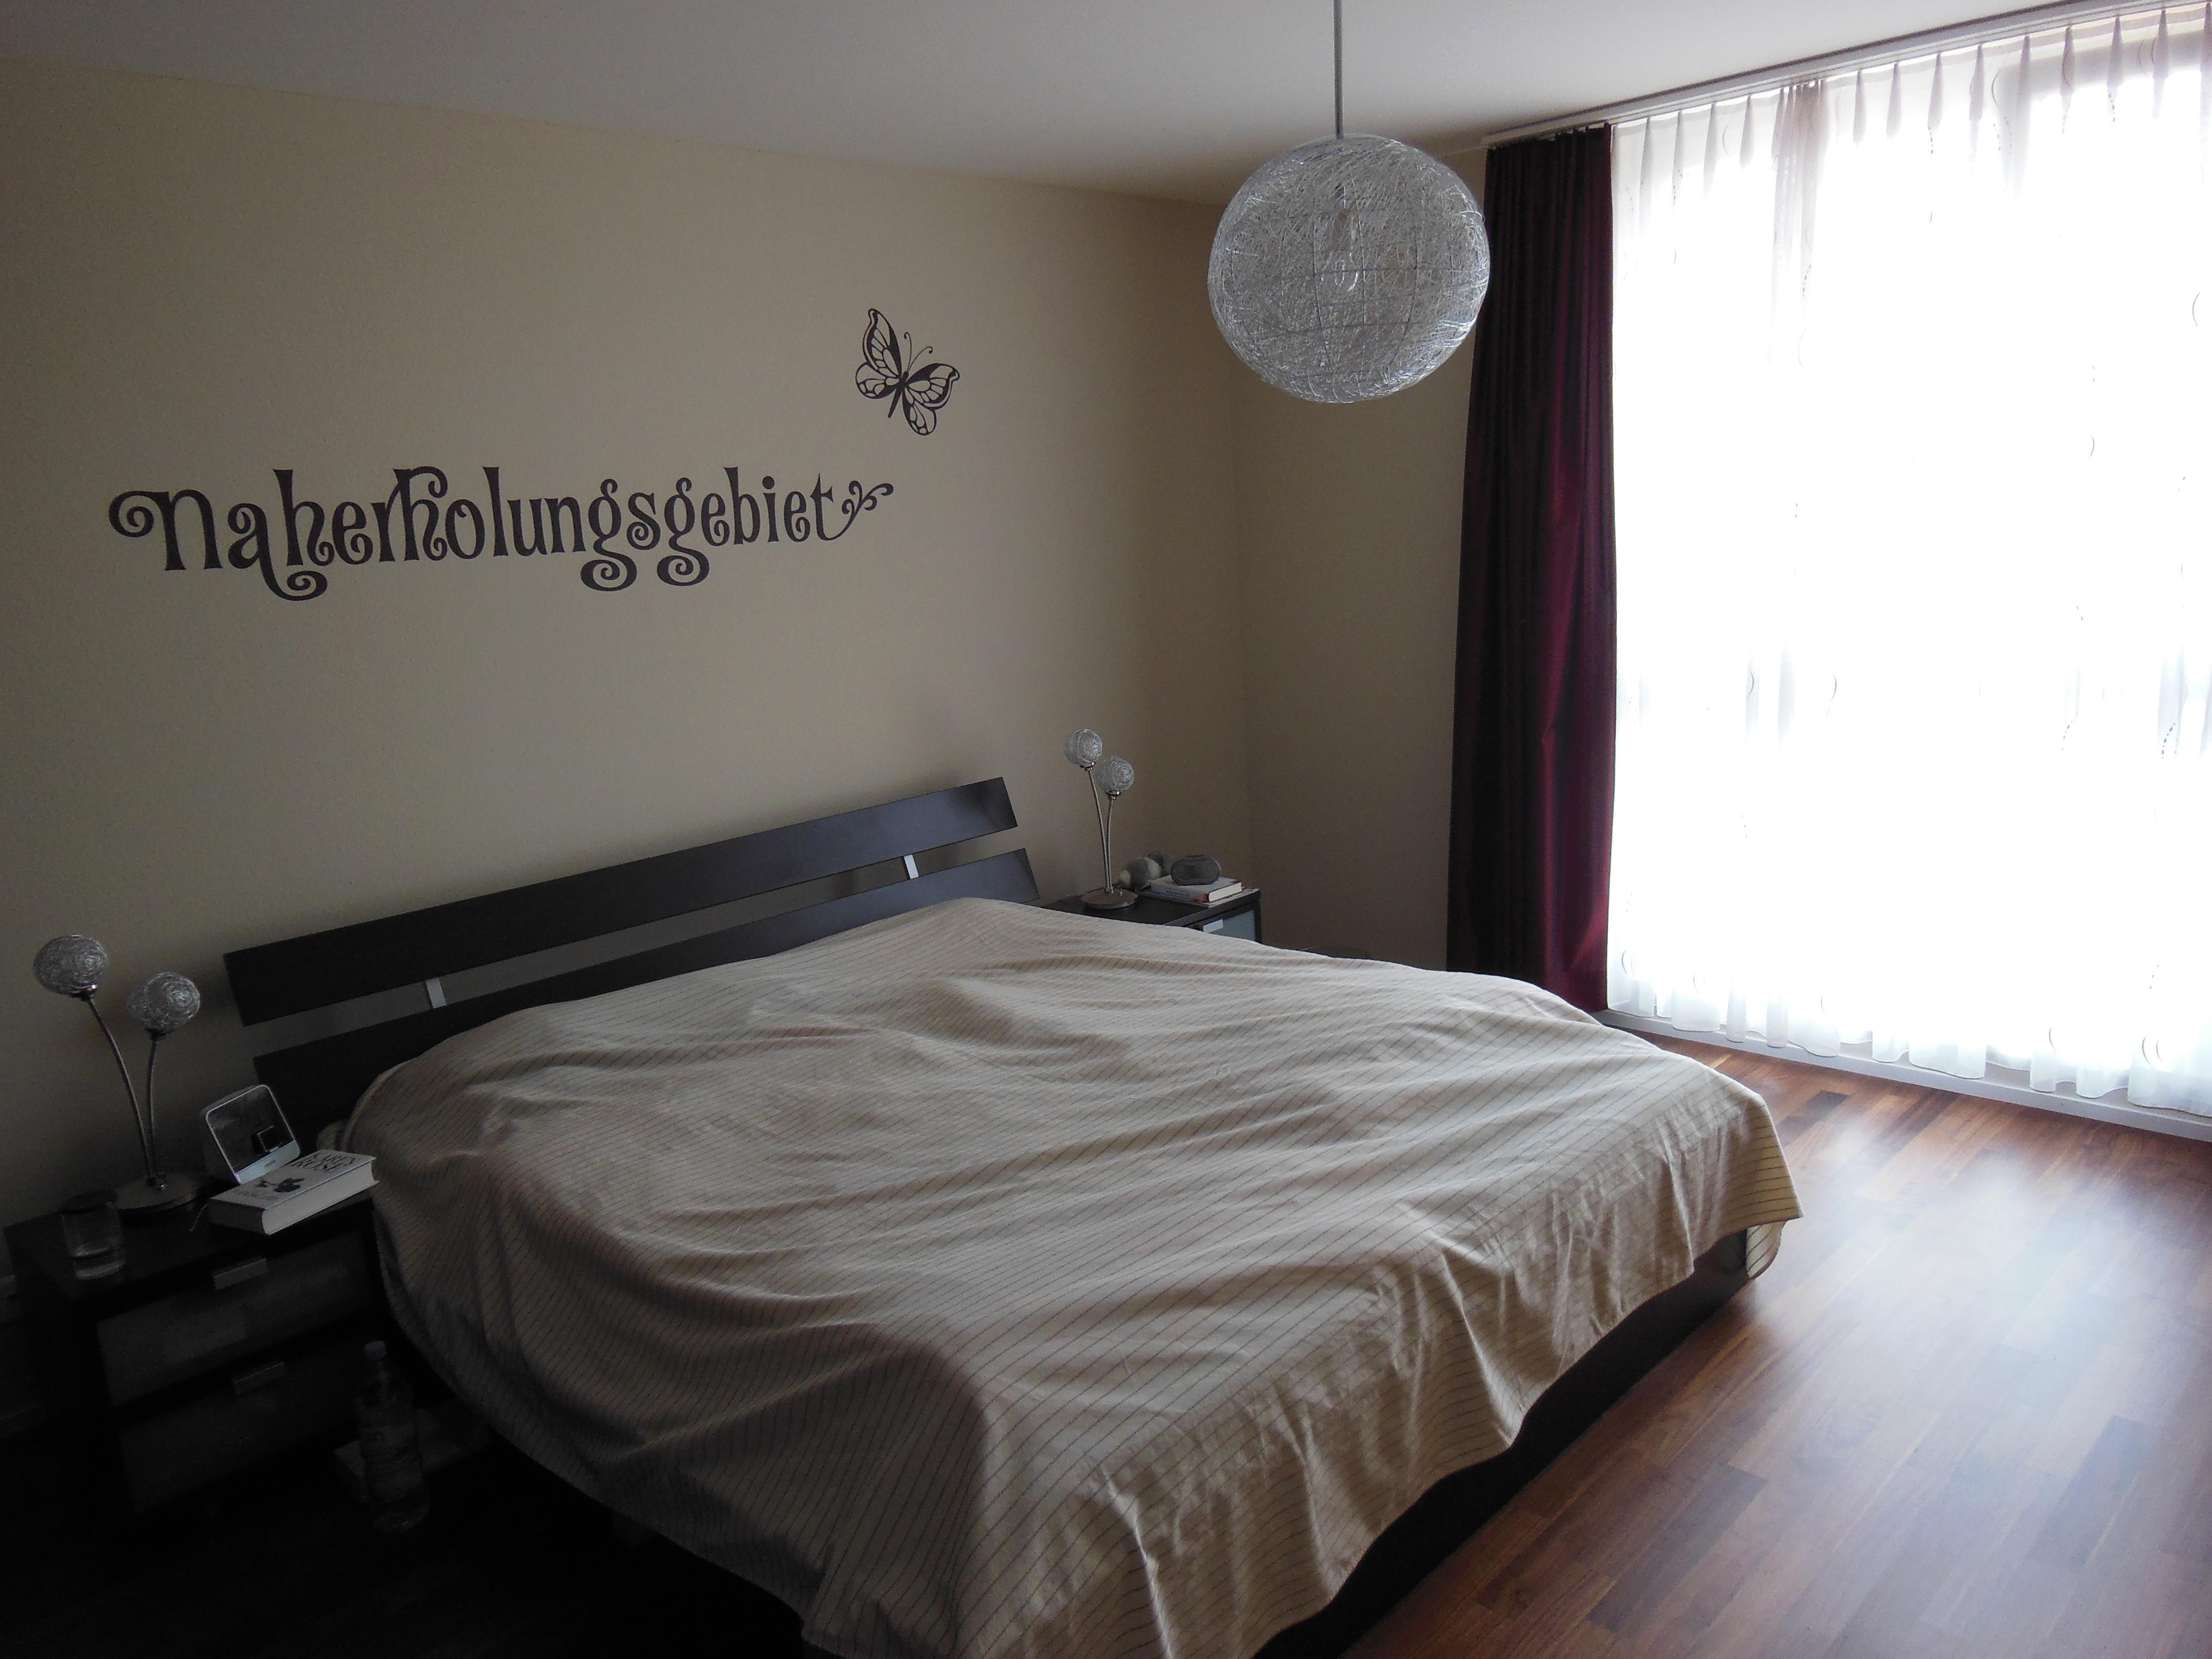 schlafzimmer-001